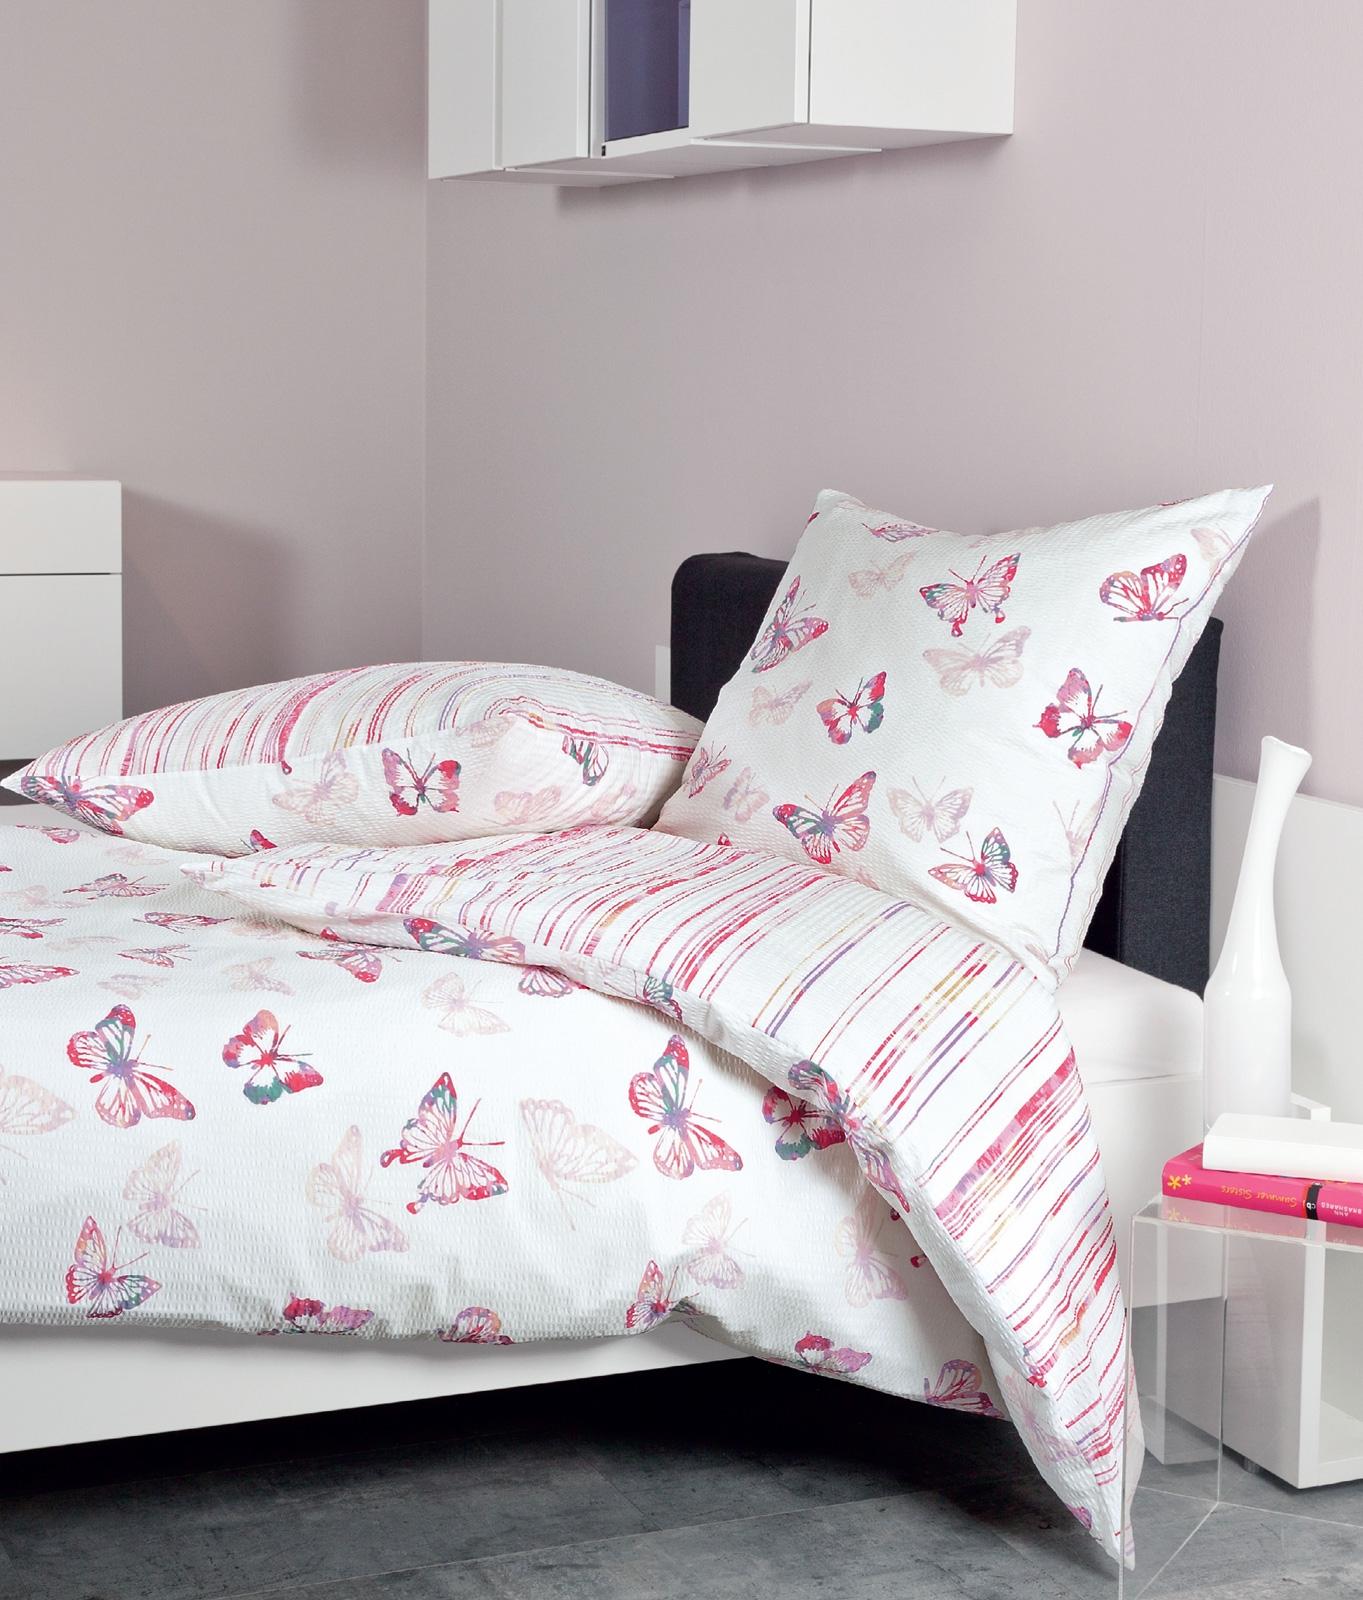 Bettwäsche - Janine Mako Soft Seersucker Bettwäsche Tango 135x200 80x80 20053 Schmetterling incl. Aufbewahrungsbeutel  - Onlineshop PremiumShop321